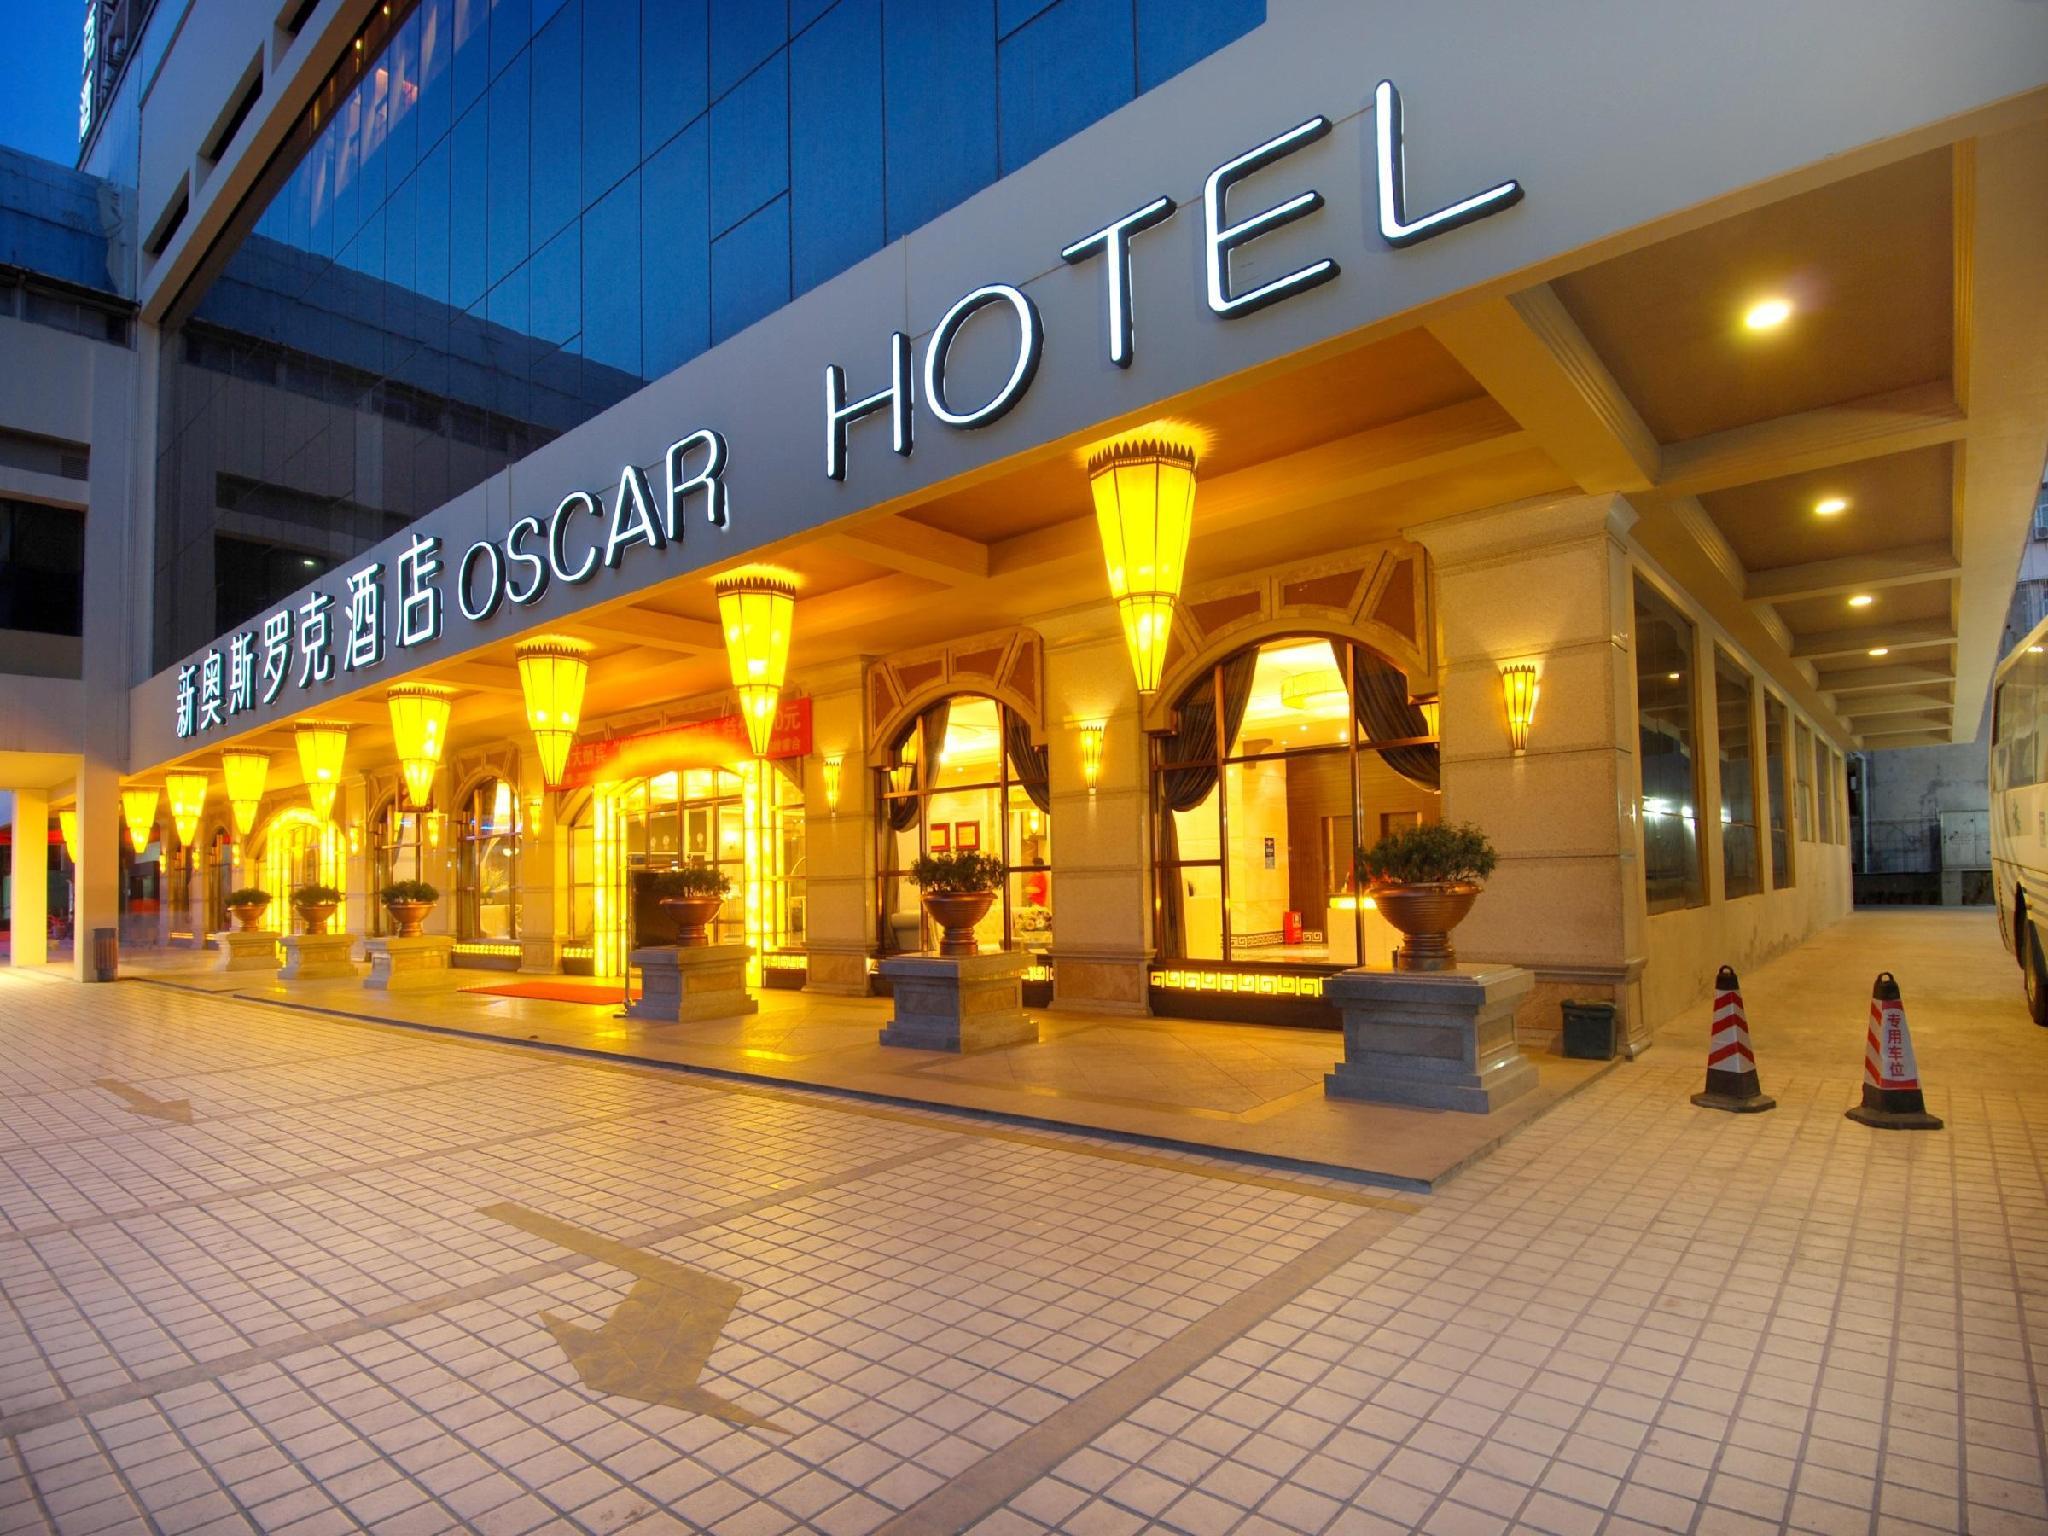 Price Oscar Hotel